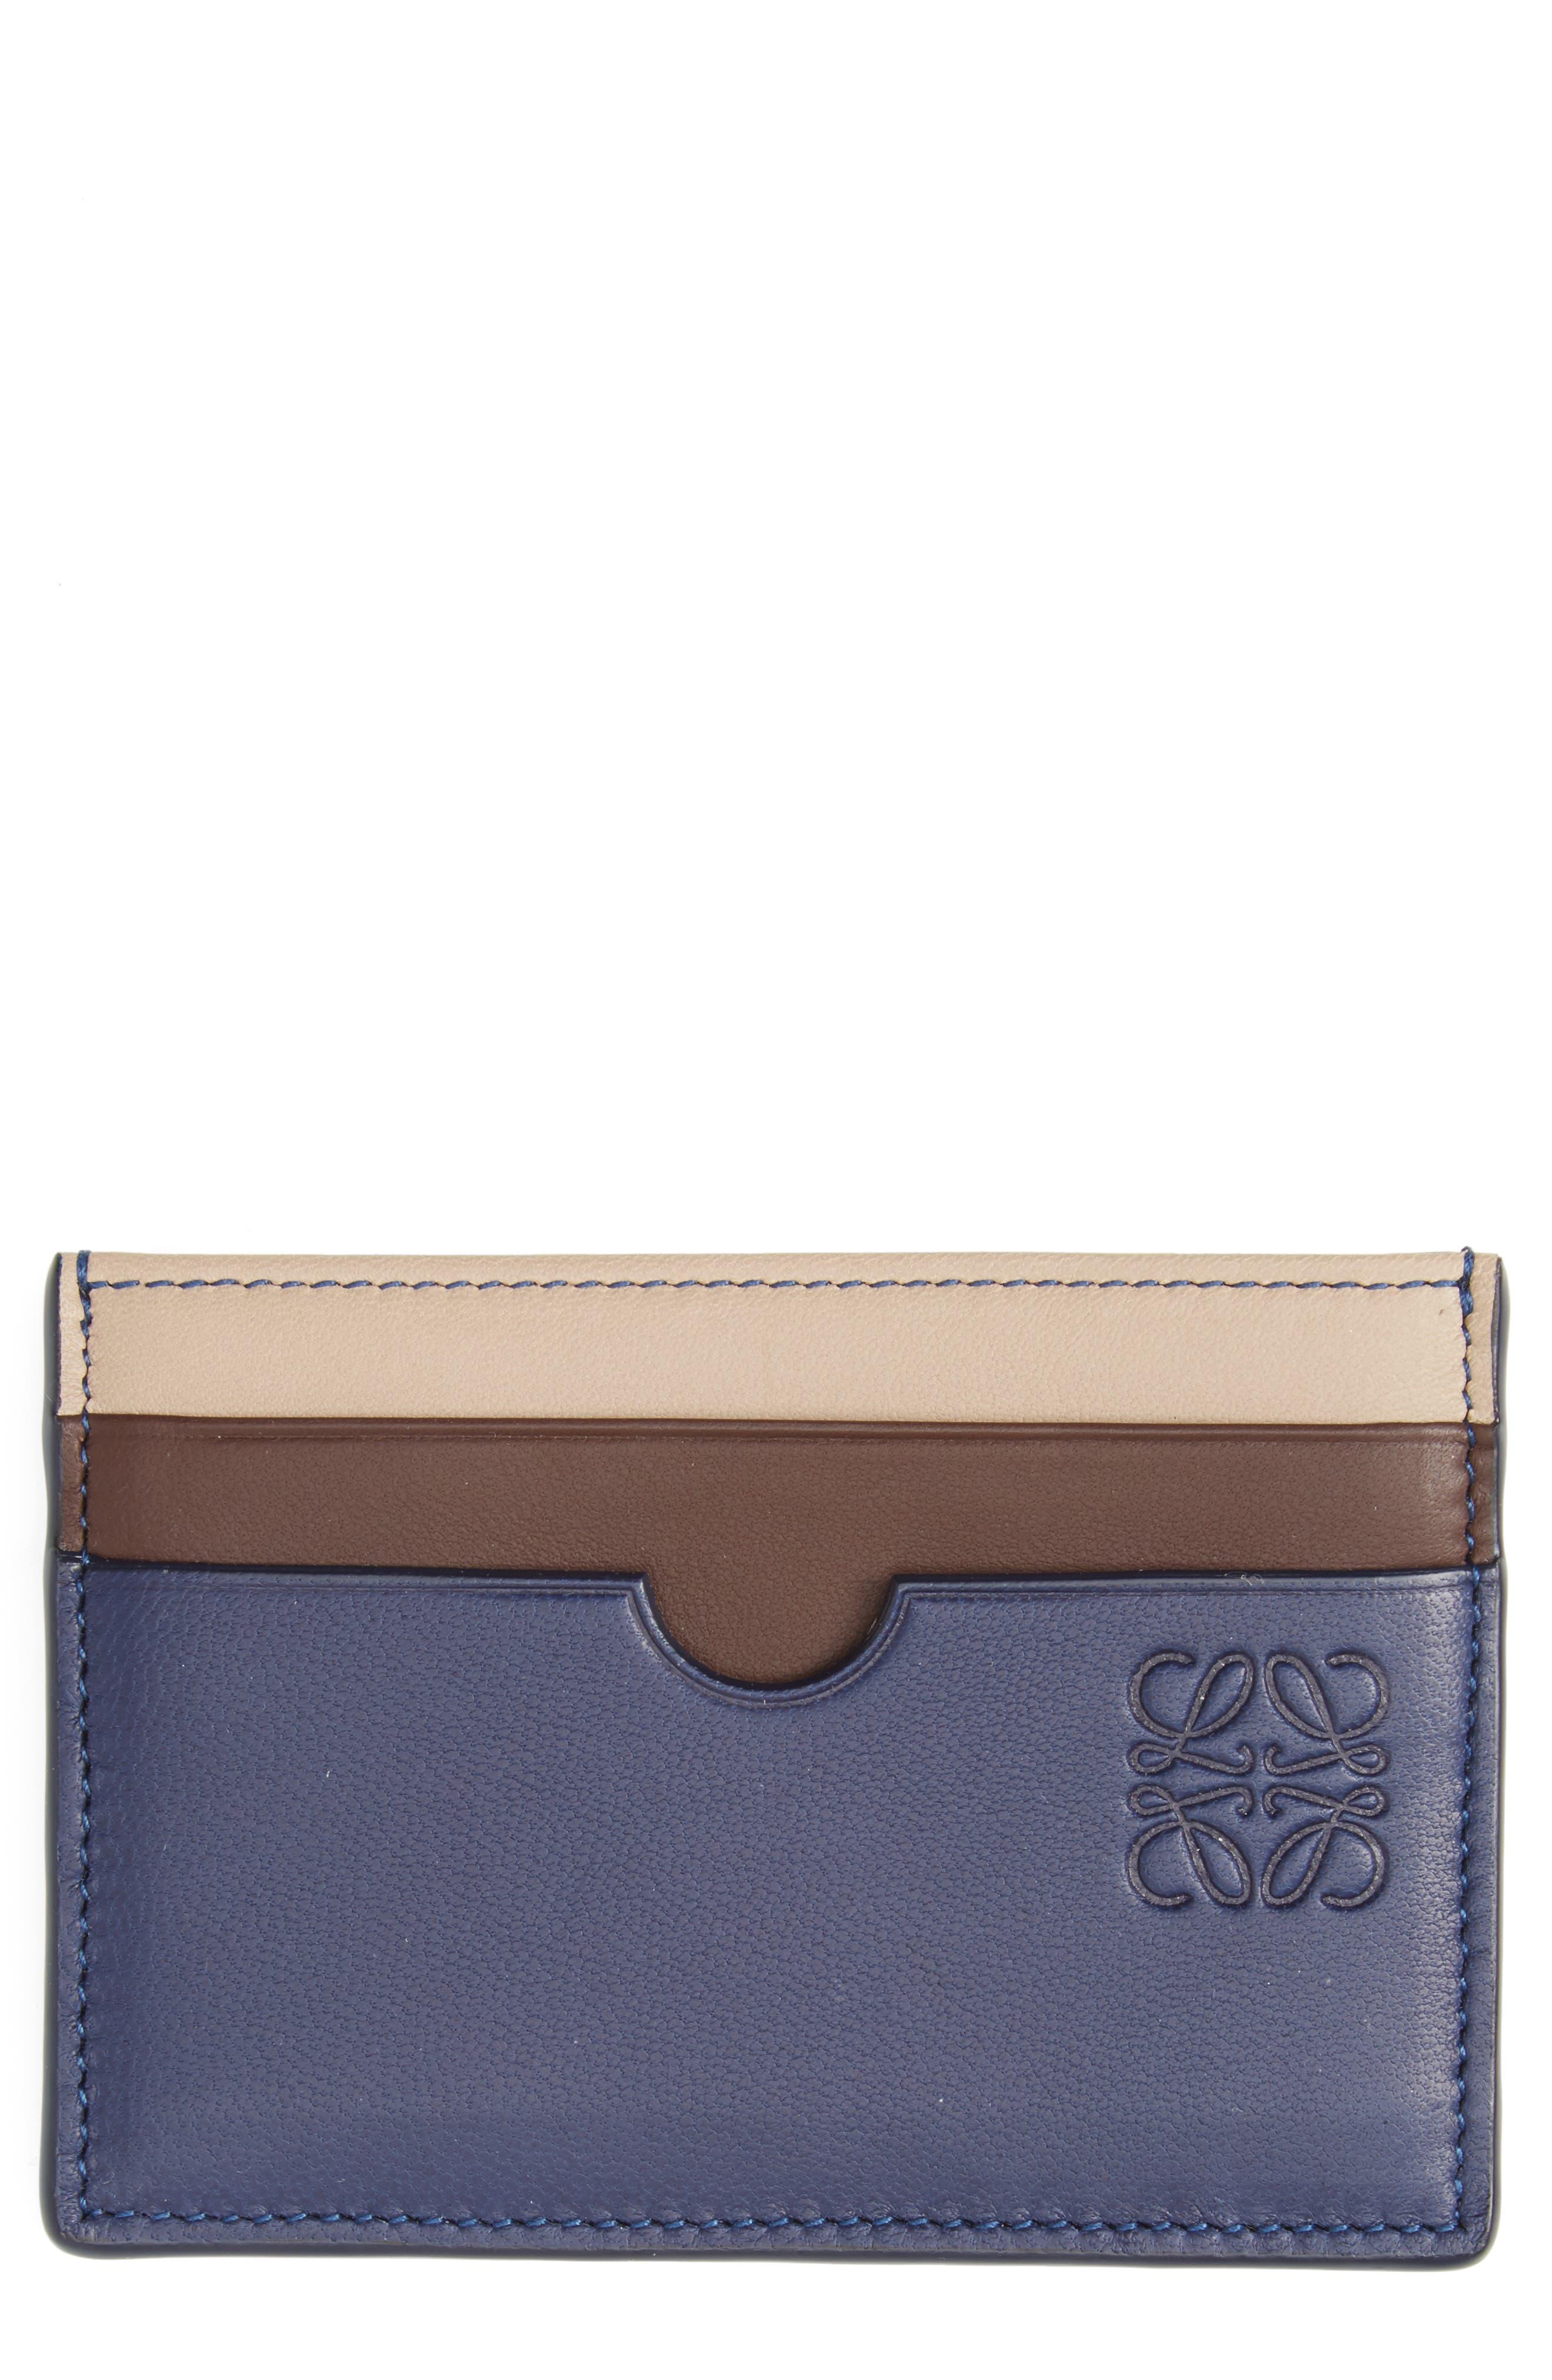 Tricolor Leather Card Case,                             Main thumbnail 1, color,                             Blue